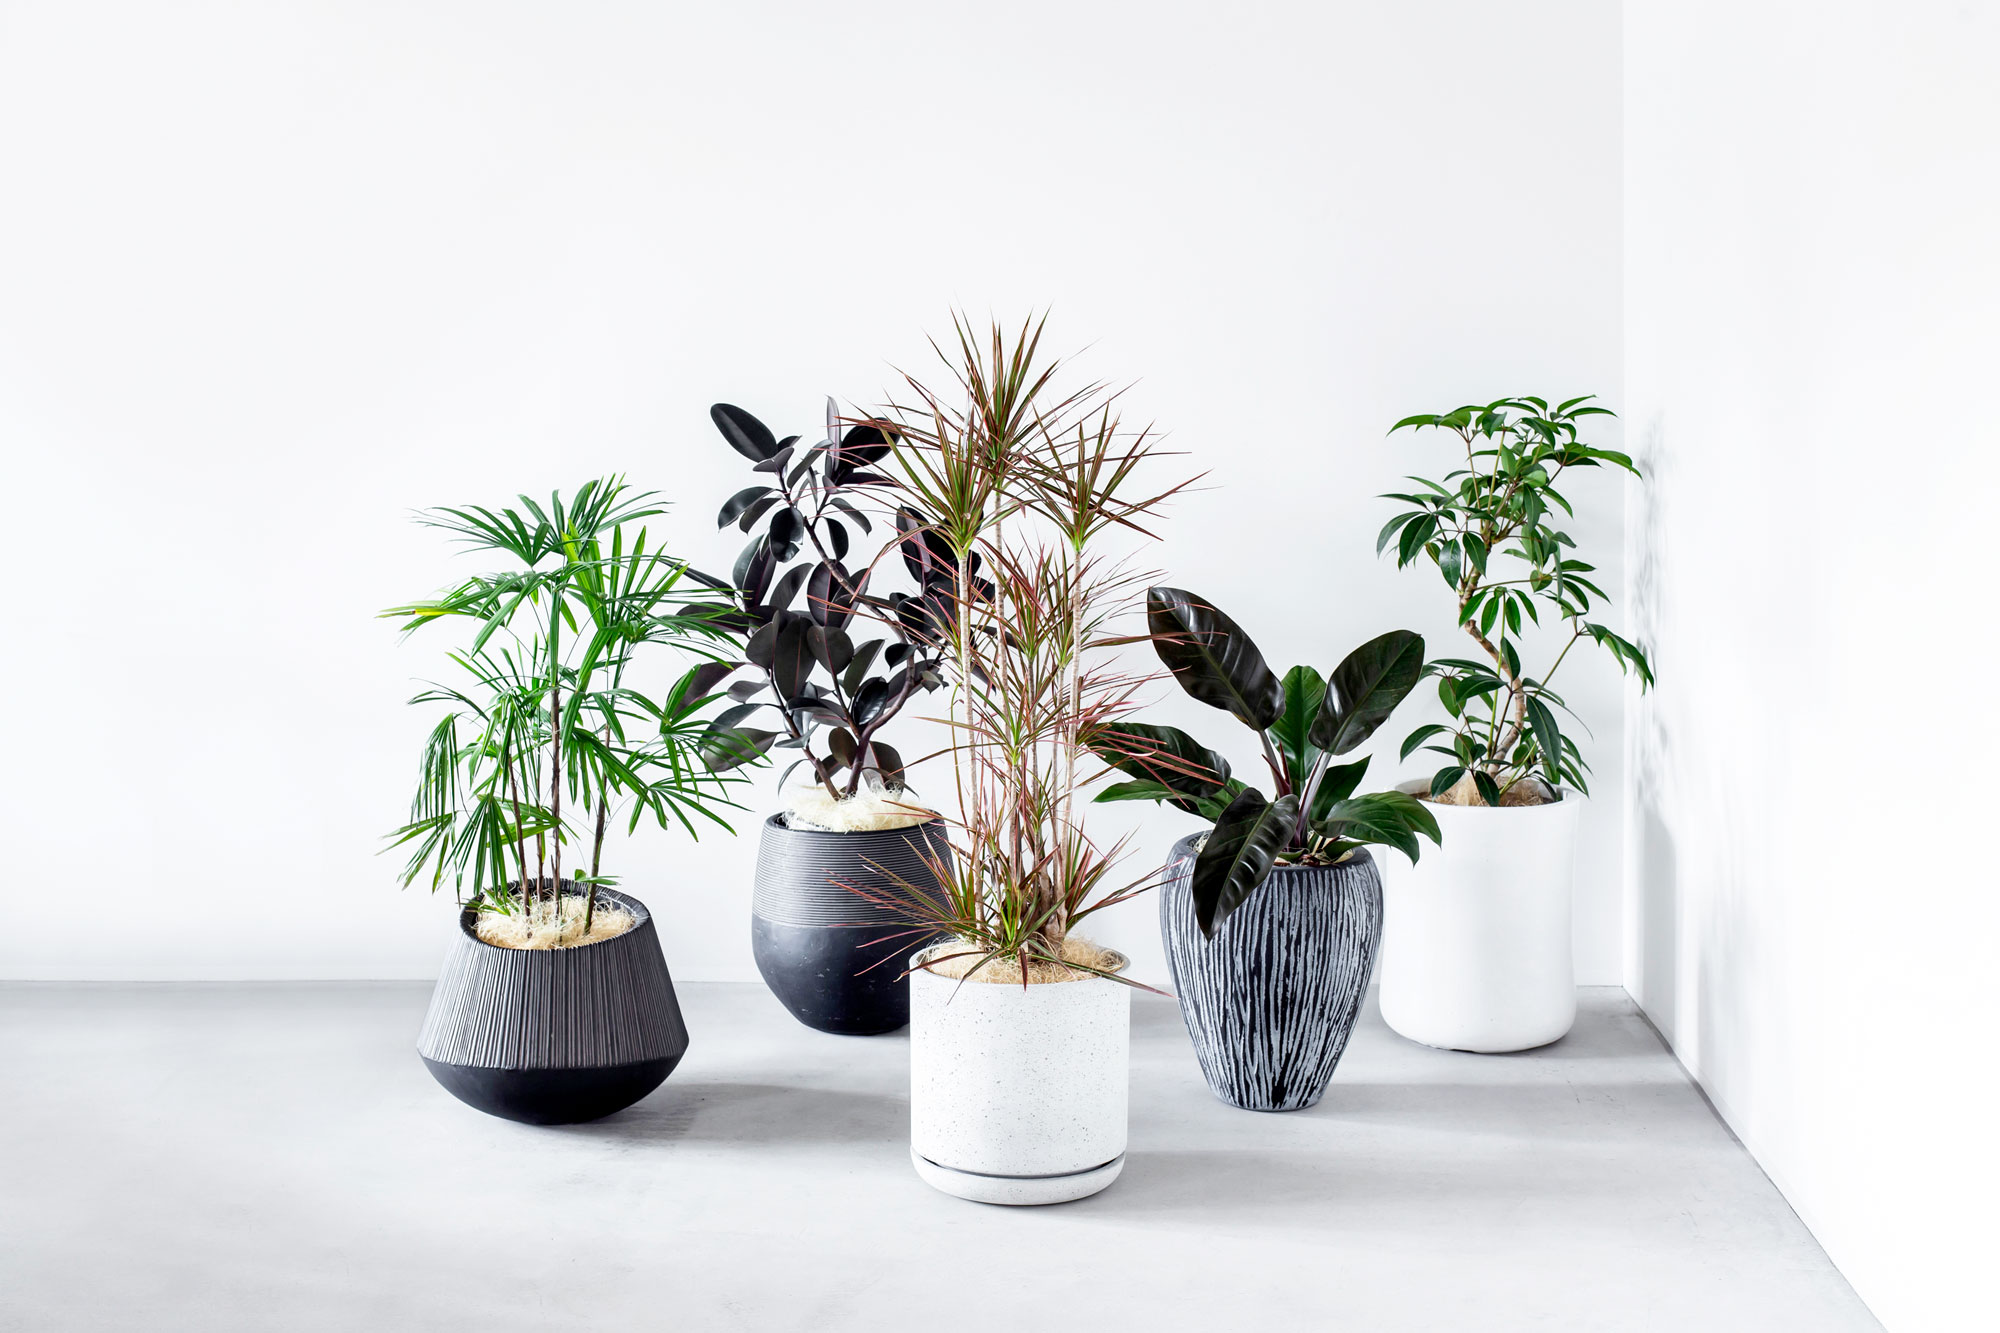 Botanism - 法人さま向けの新しいグリーンギフトサービスです。